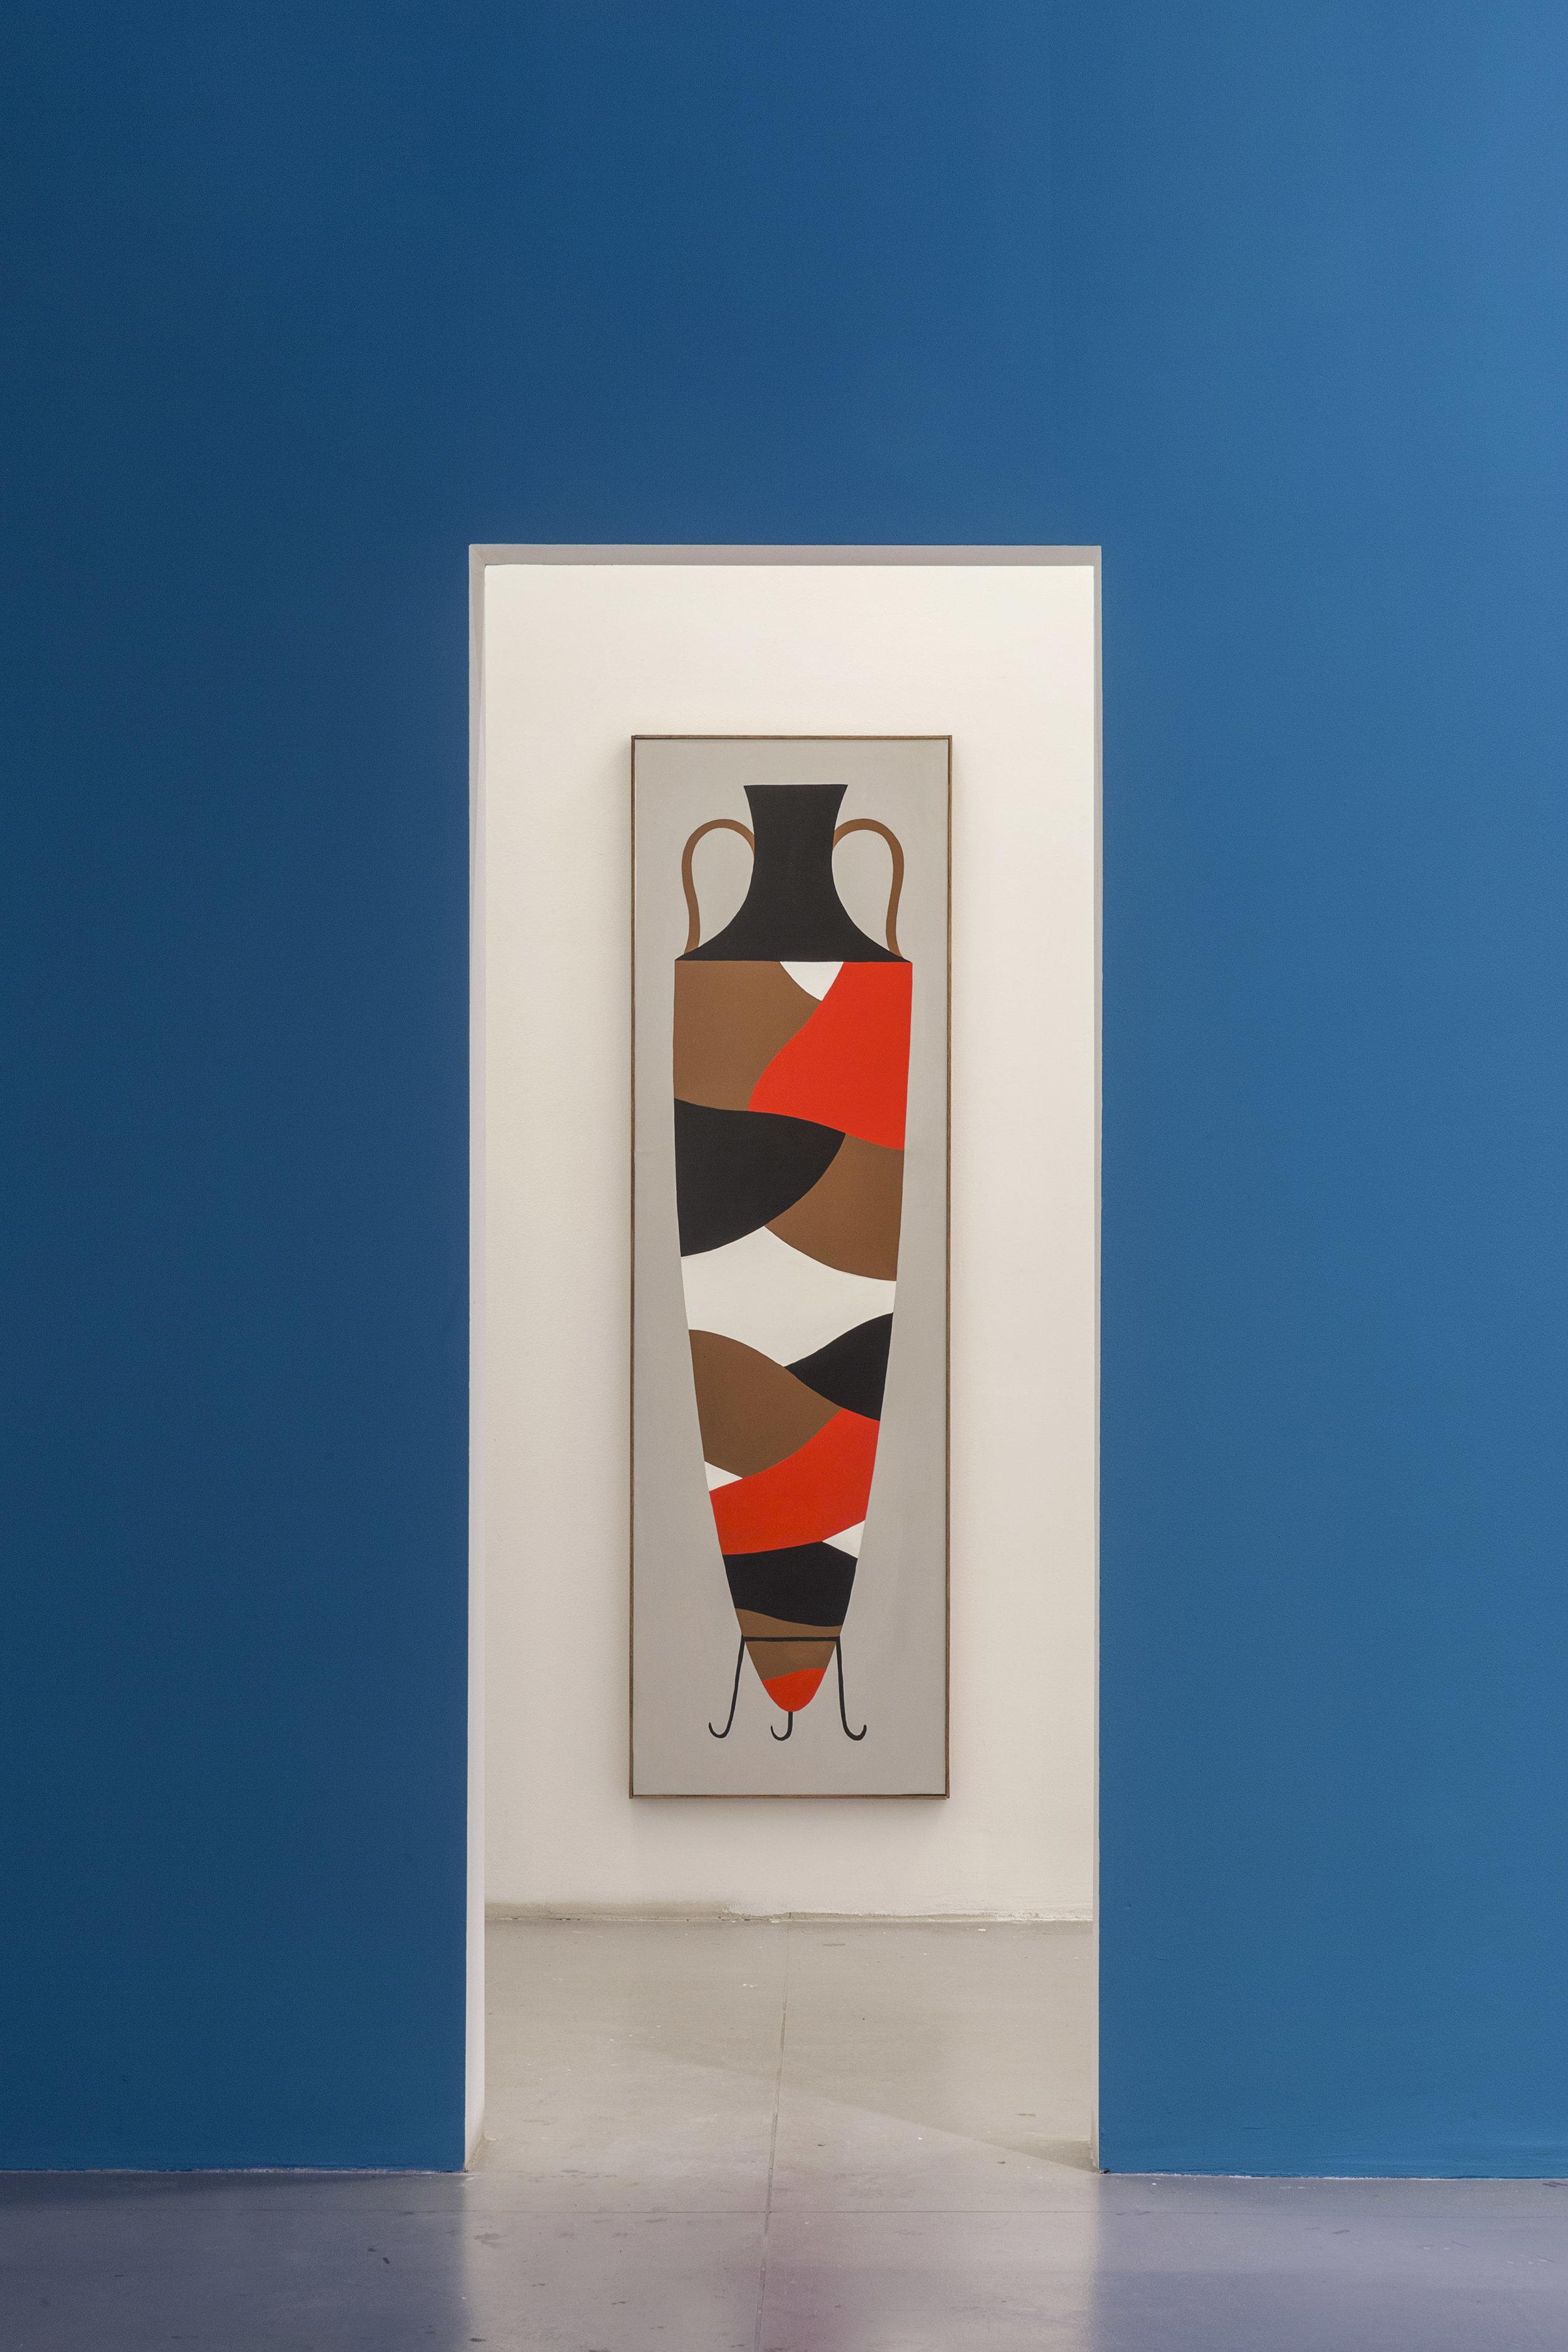 Gypsoteca: La mostra di Agostino Iacurci da M77 Gallery